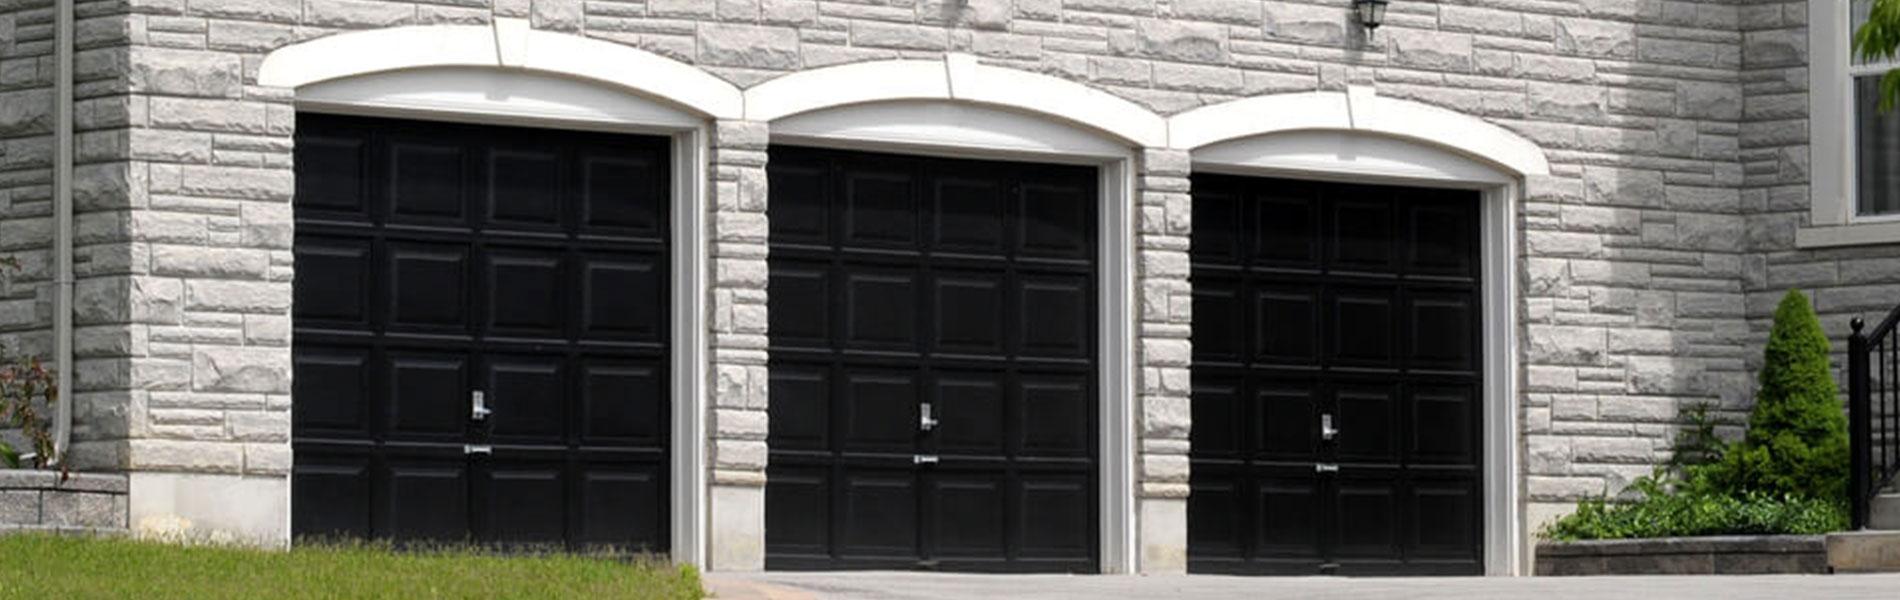 Beau Neighborhood Garage Door Service